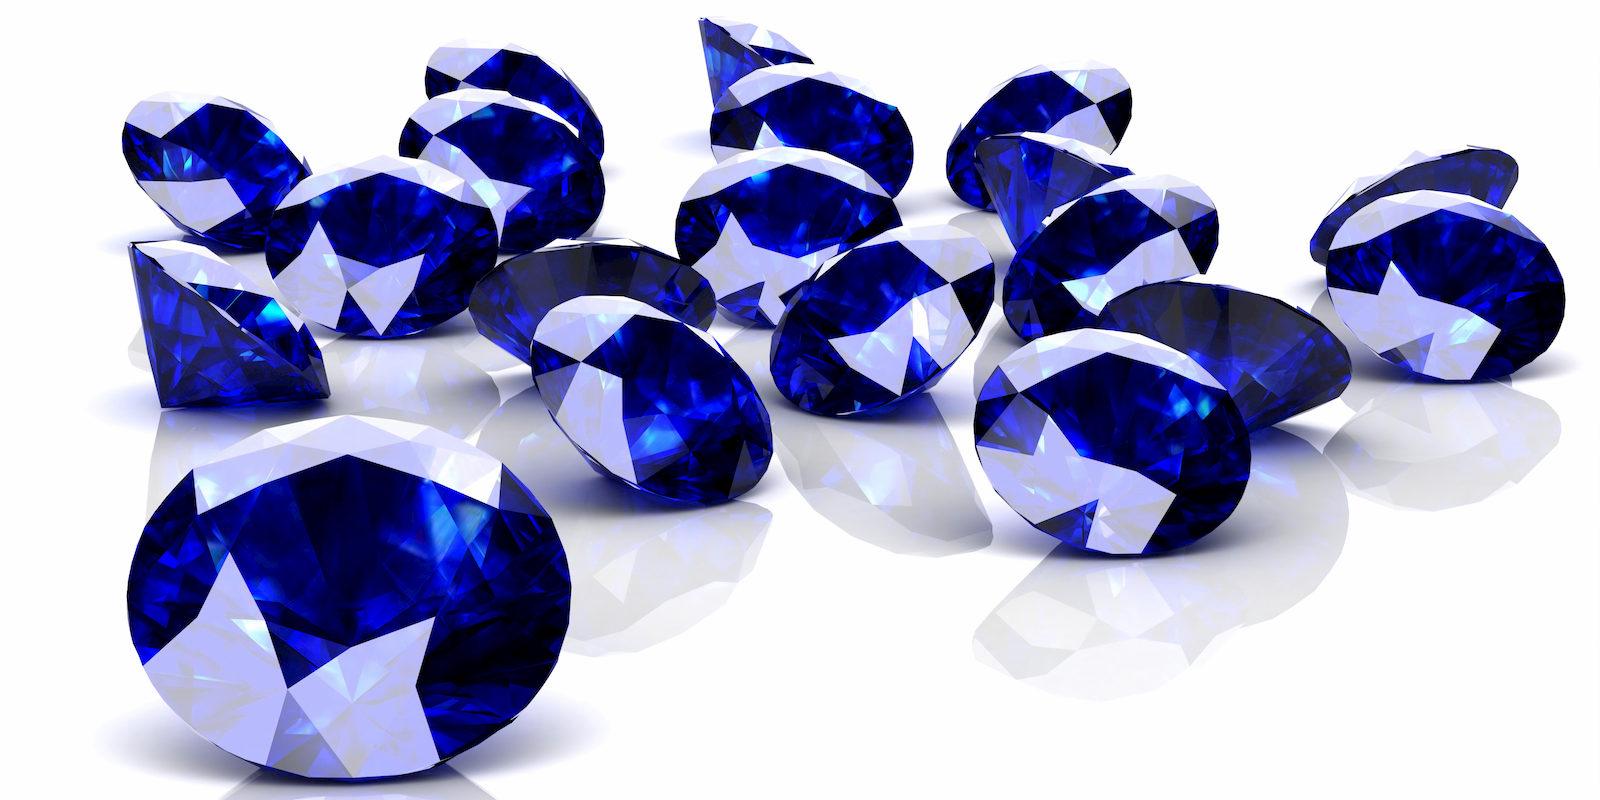 Blue sapphires cut